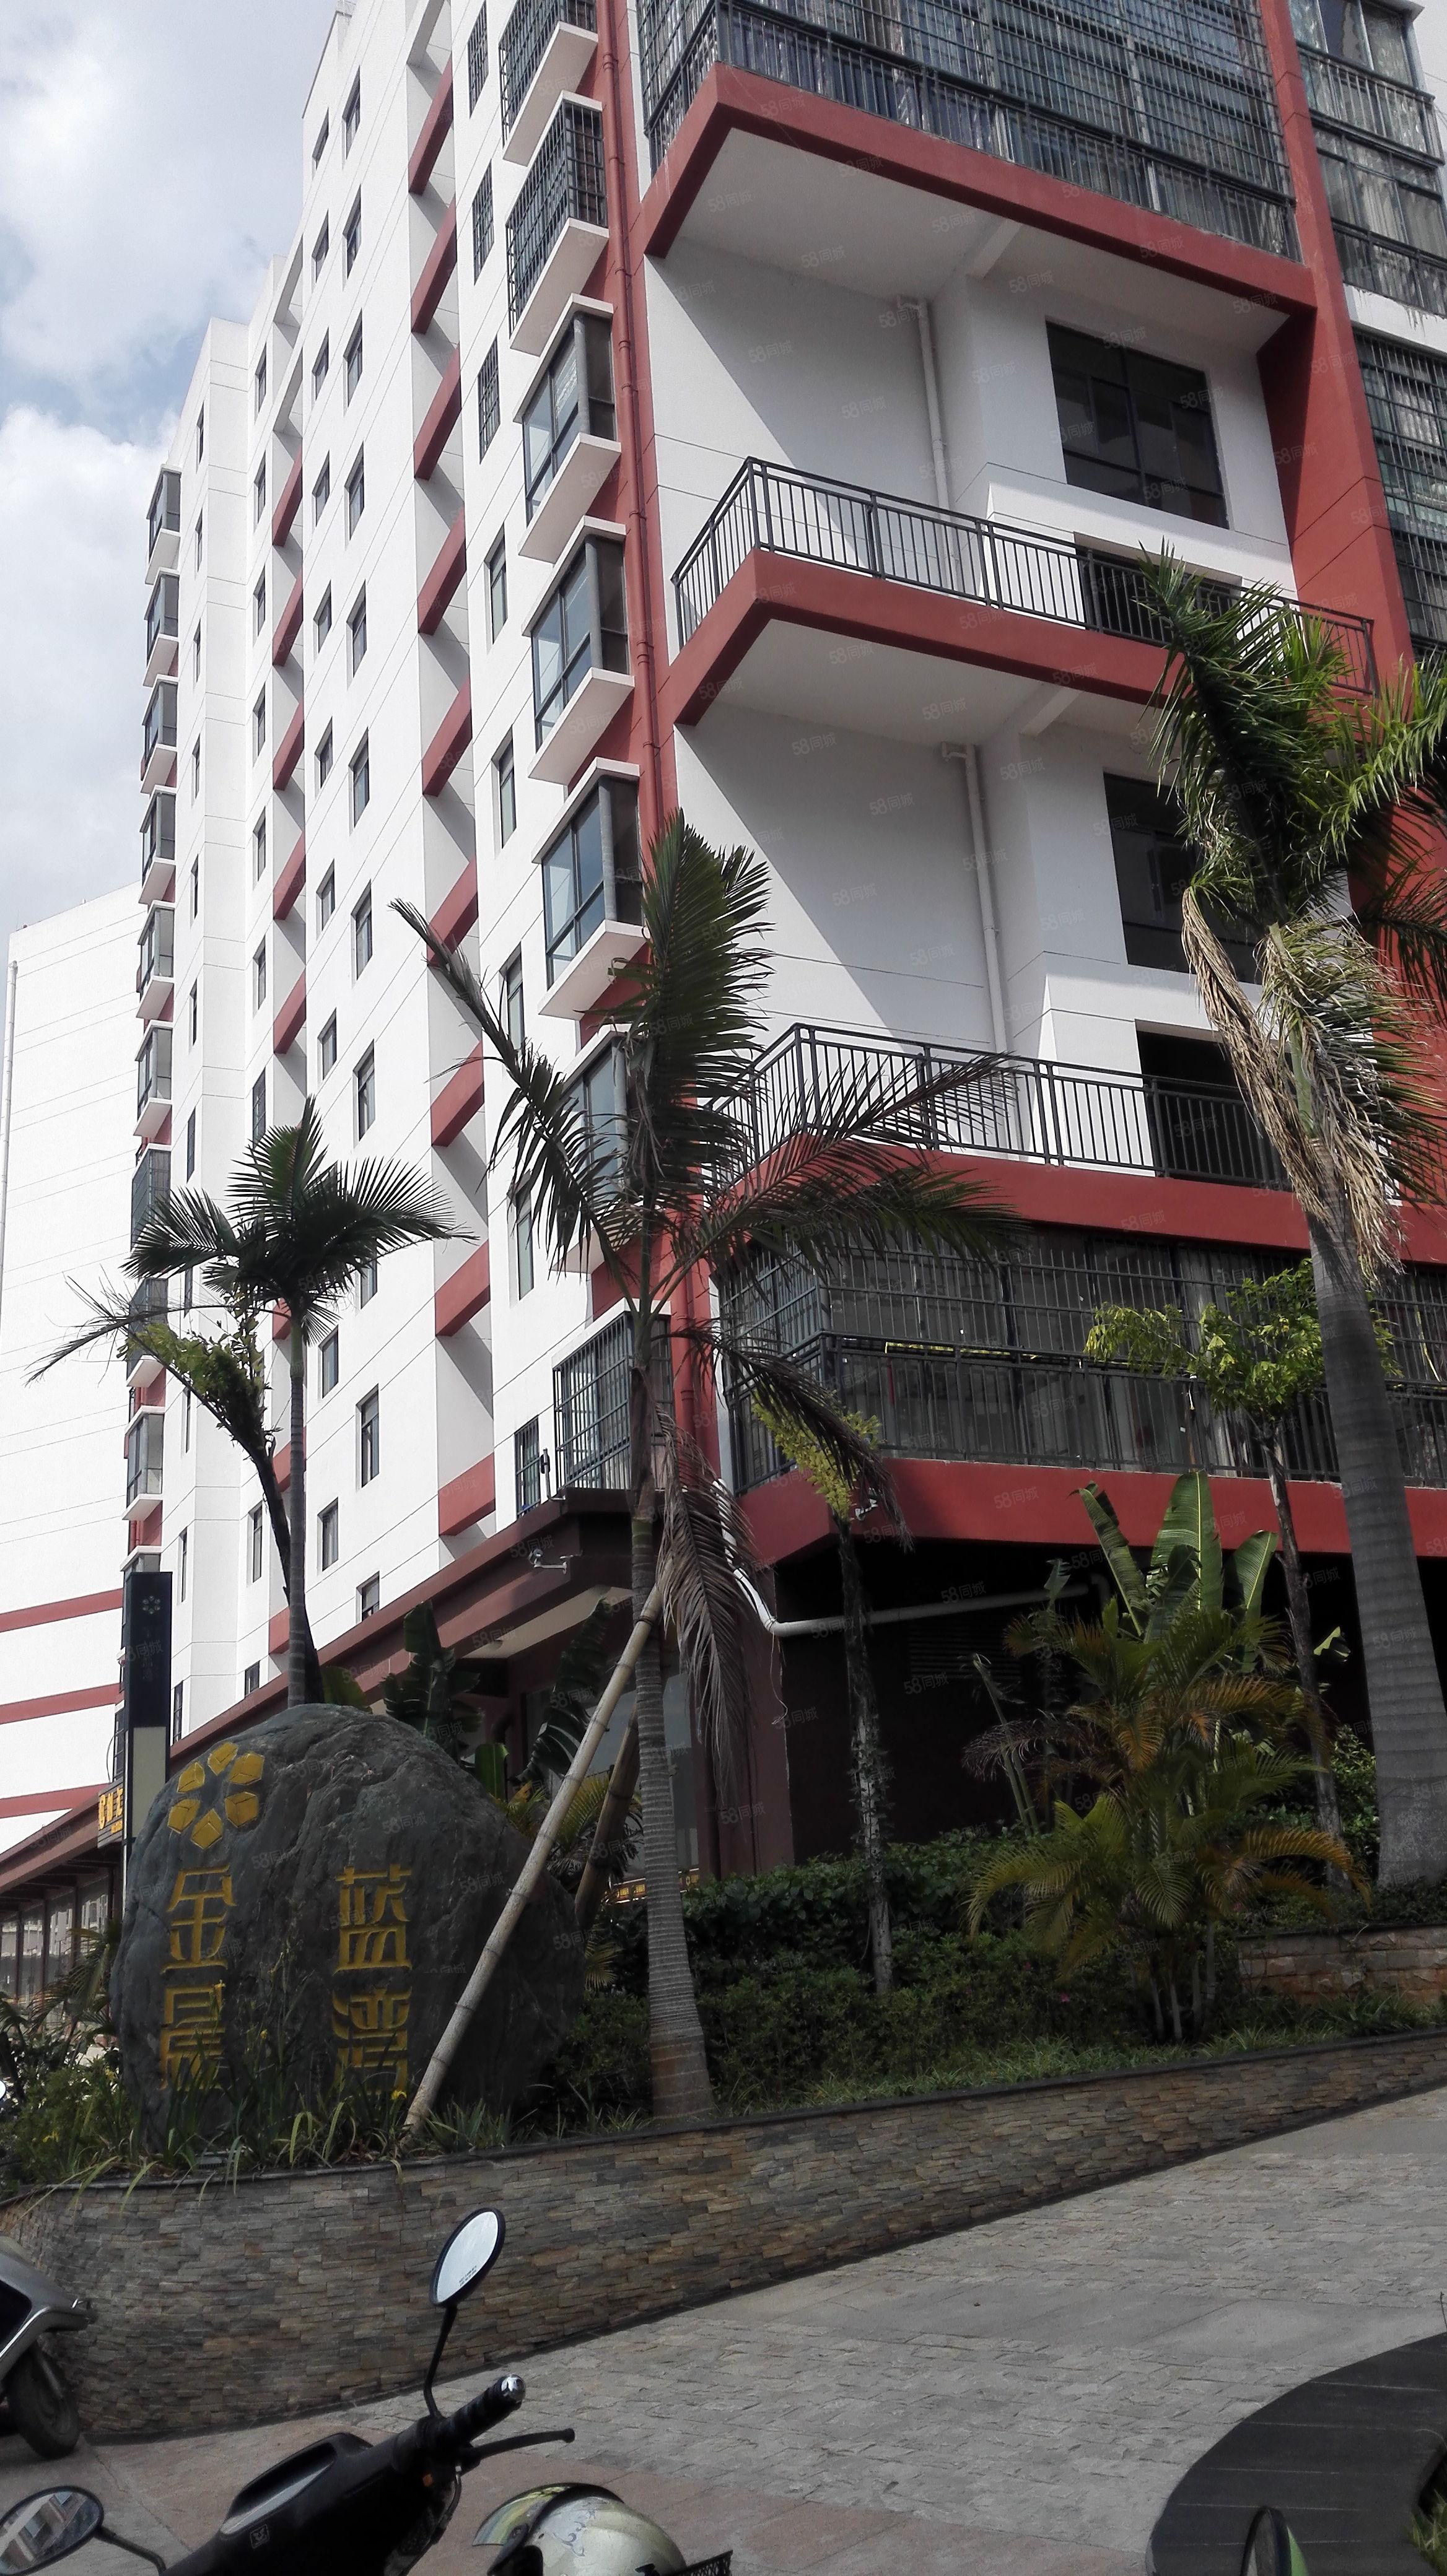 金晨蓝湾150平米住房出租,精装修,带家具,家电,租金半年付